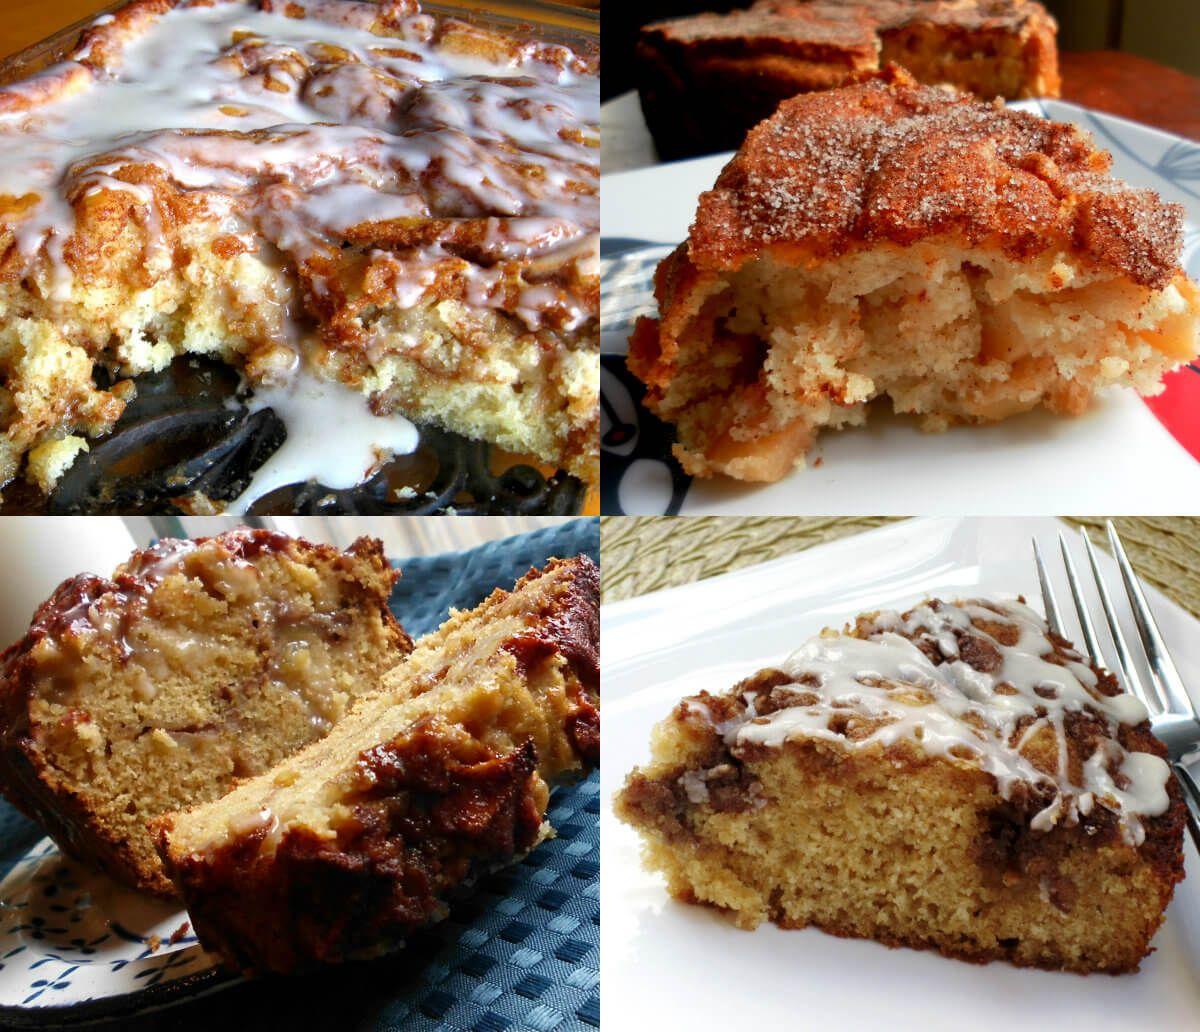 عالم الطبخ والجمال طريقة عمل كيكة القرفة Cinnamon Cake Food Desserts